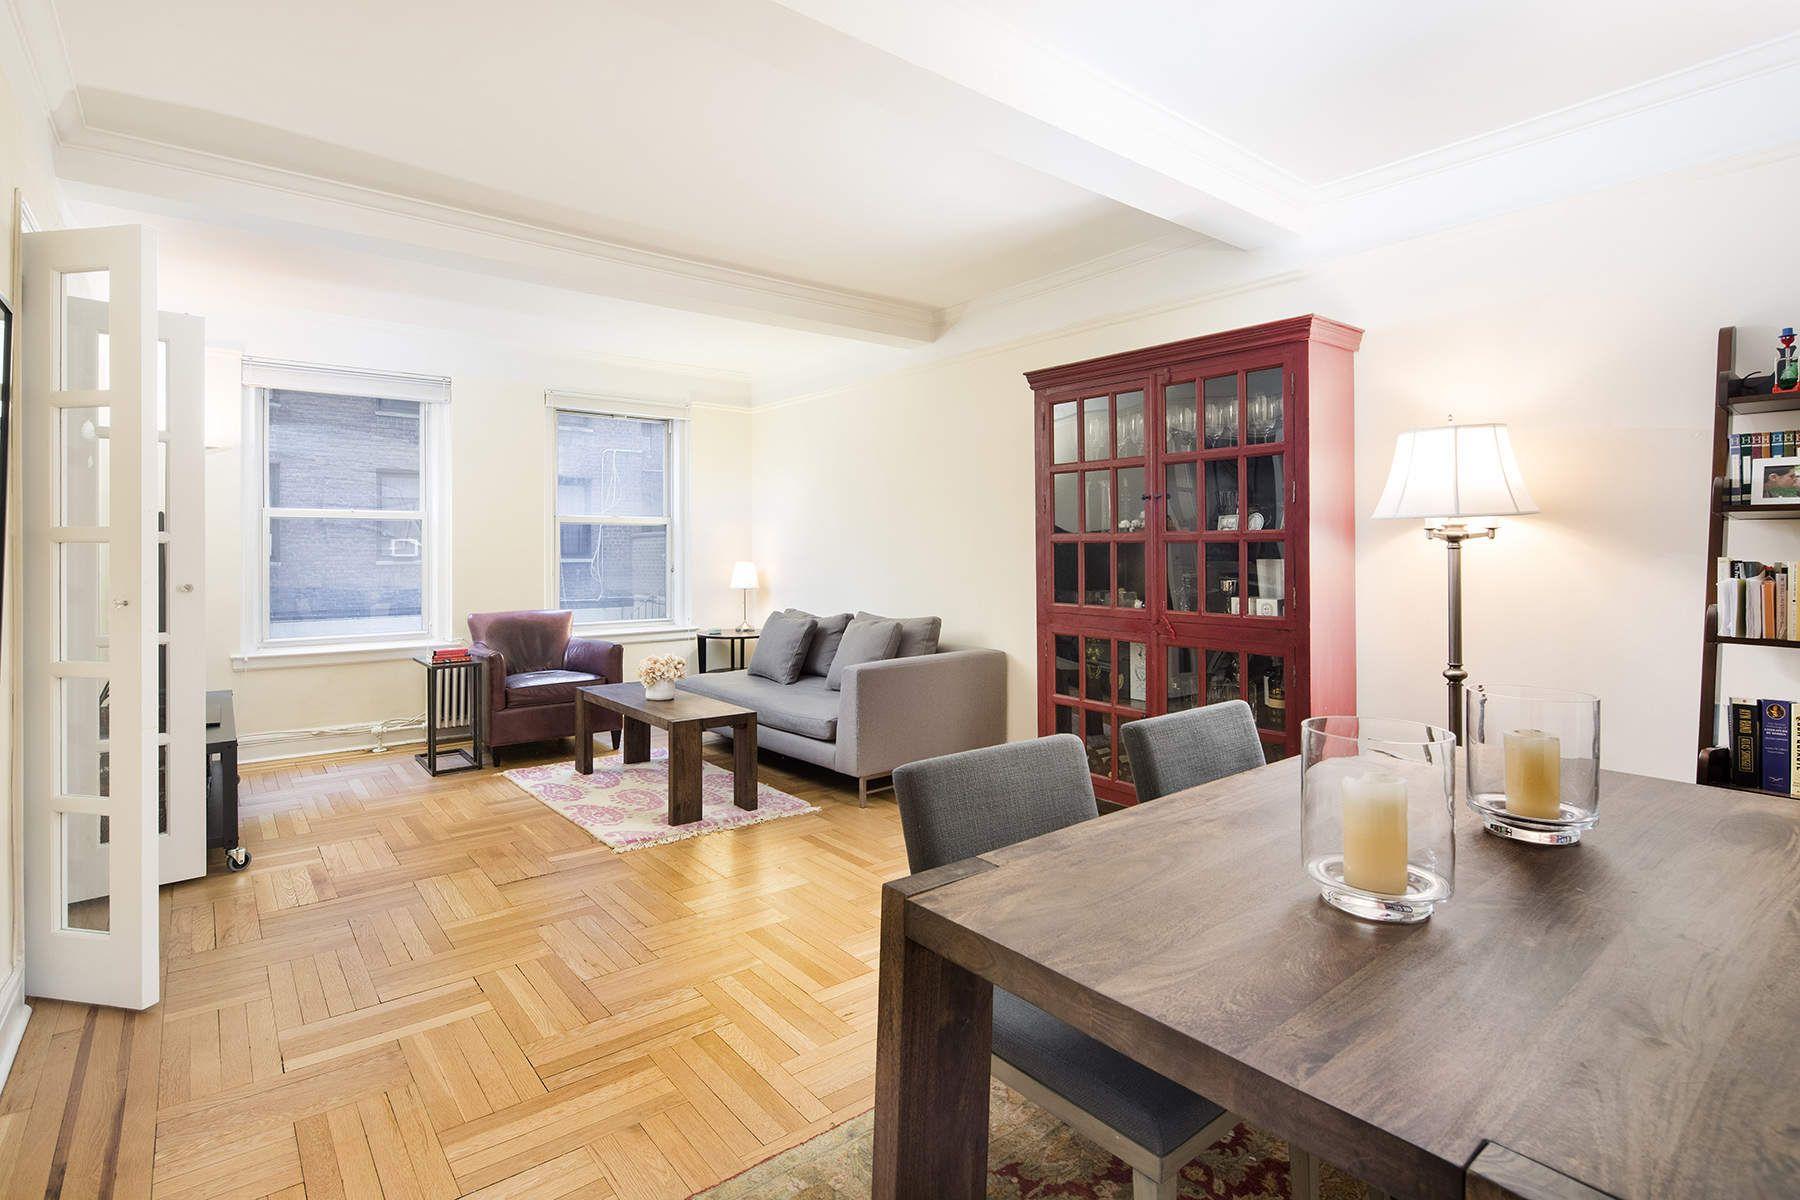 合作公寓 为 销售 在 325 East 79th Street, 2D 325 East 79th Street Apt 2D, Upper East Side, 纽约, 纽约州, 10075 美国